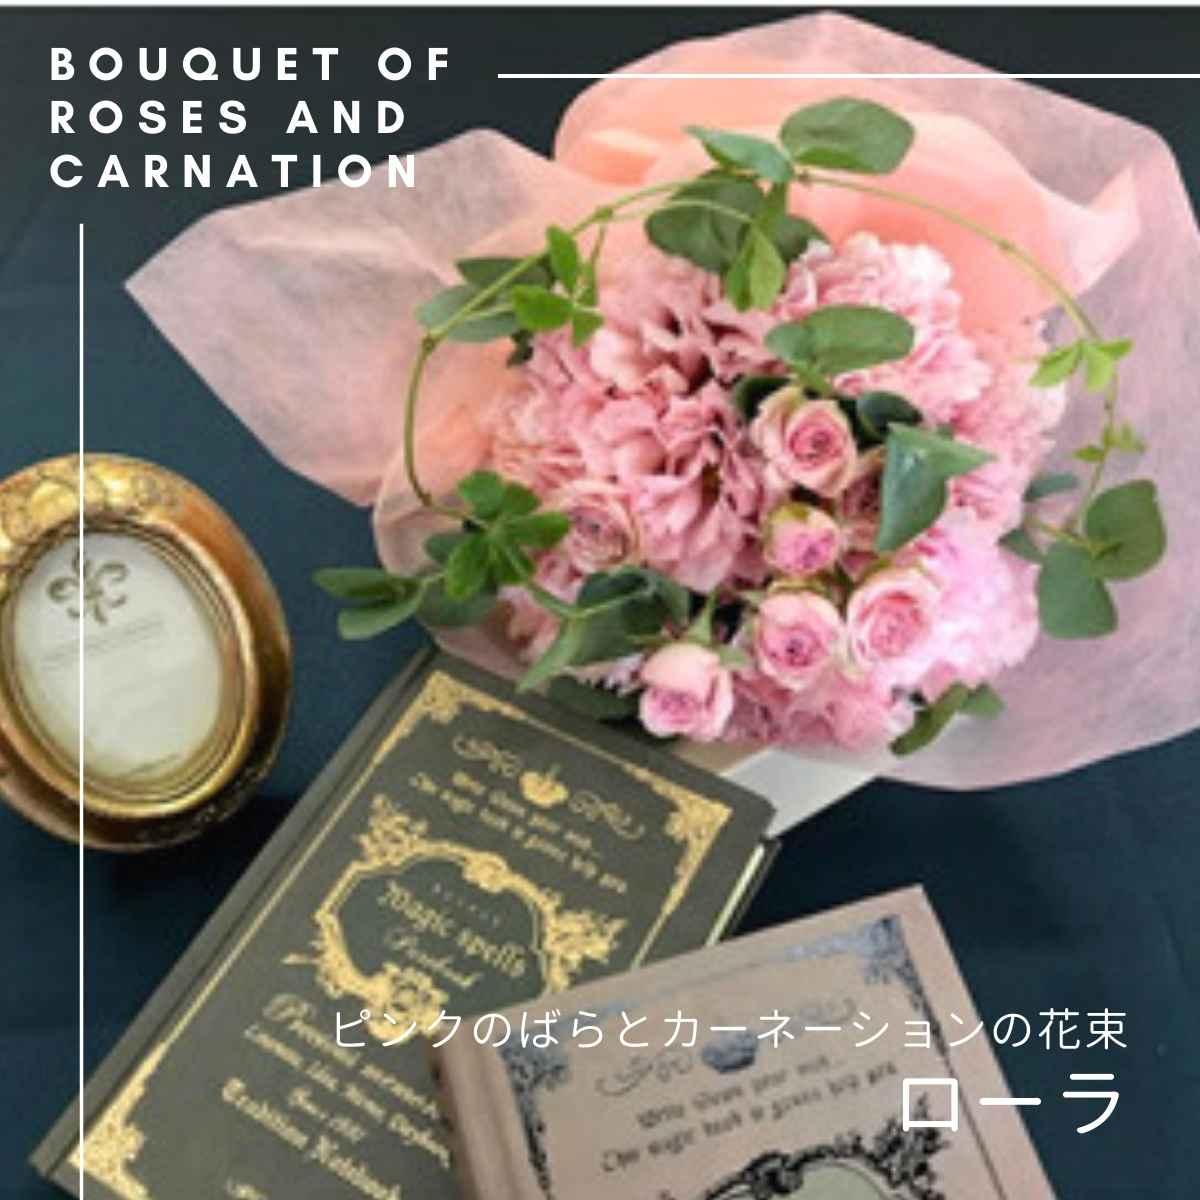 広島県福山市 【ふるさと納税】ピンクのばらとカーネーションのミニブーケ「ローラ」